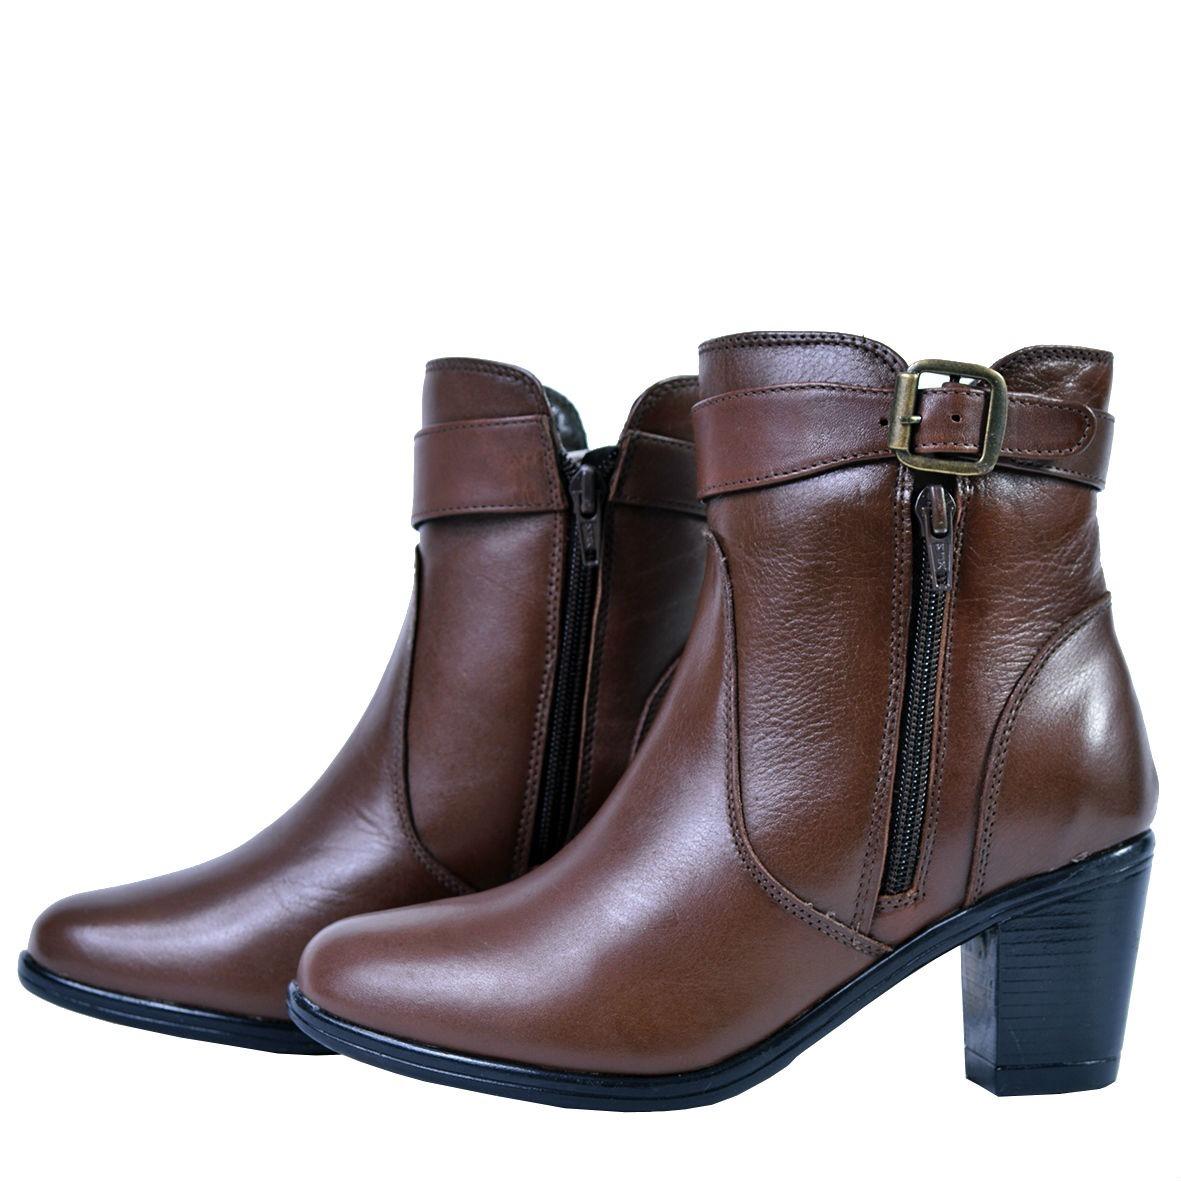 82f317926 coturno feminino bota cano médio marrom rock lindo !!! 243. Carregando zoom.